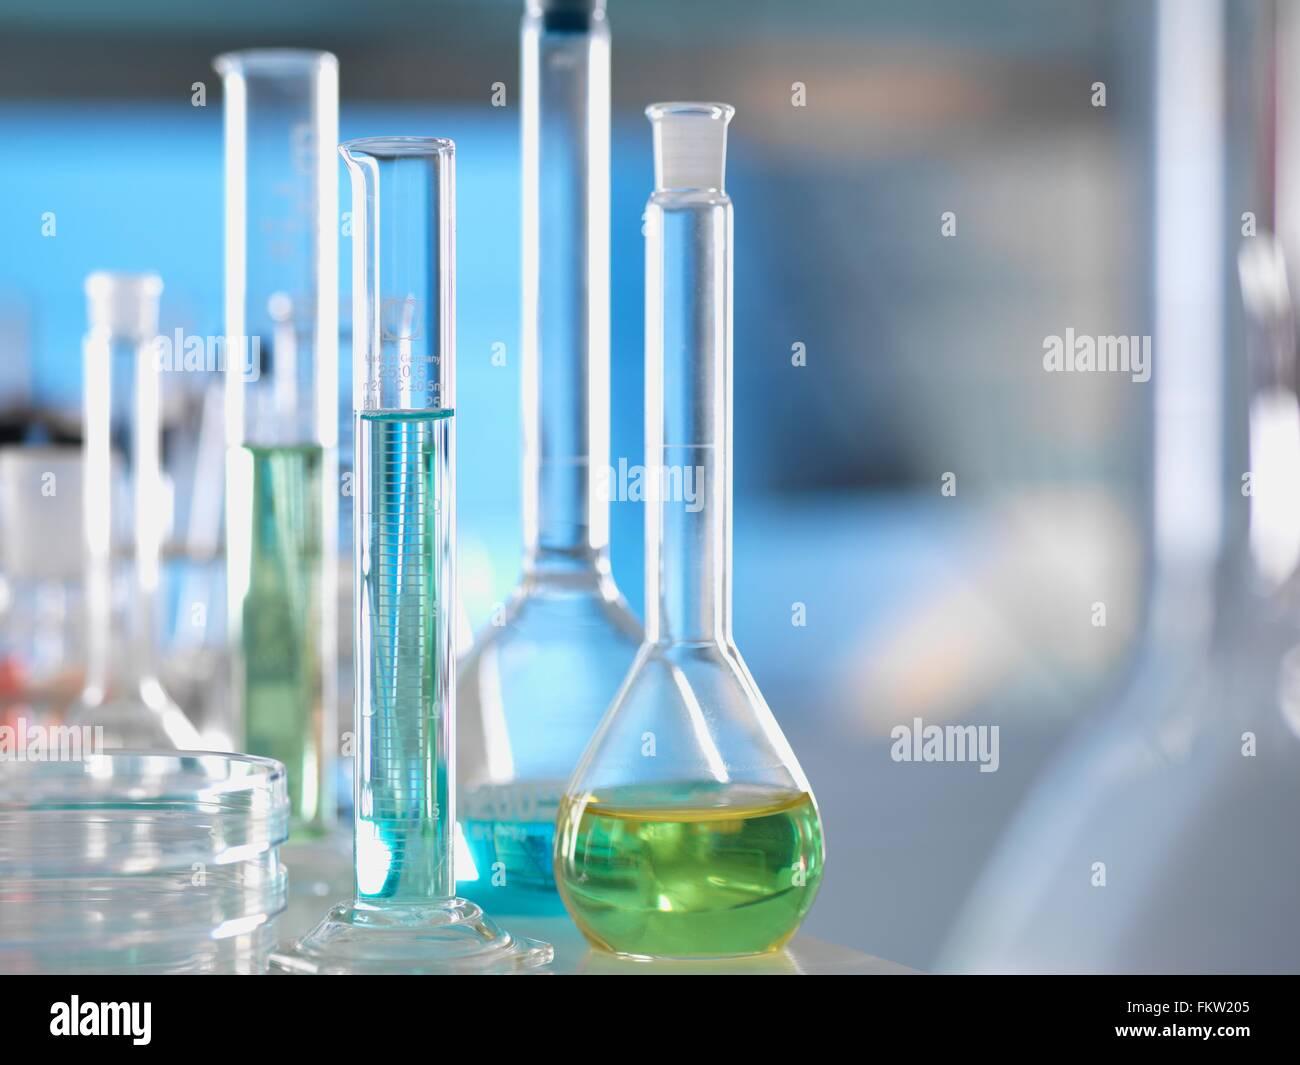 Laborglas auf Labortisch während experiment Stockbild